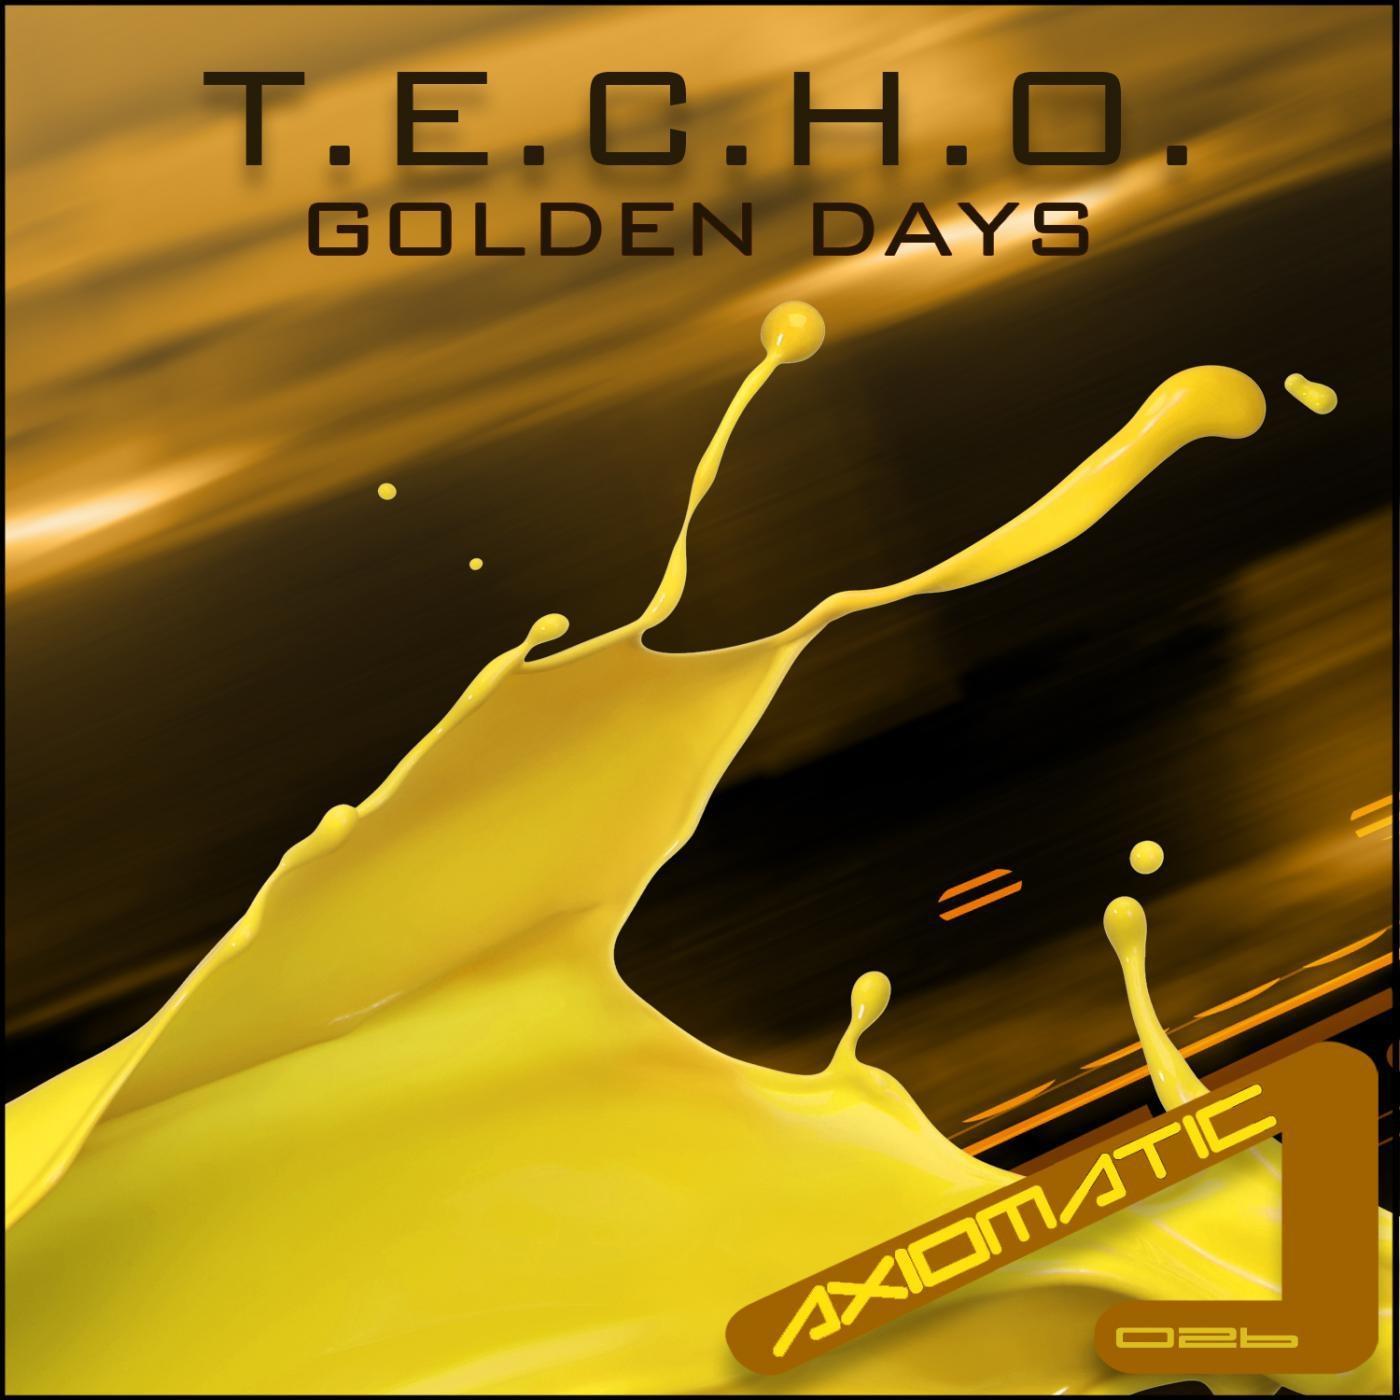 T.E.C.H.O. - Golden Days (Original mix)